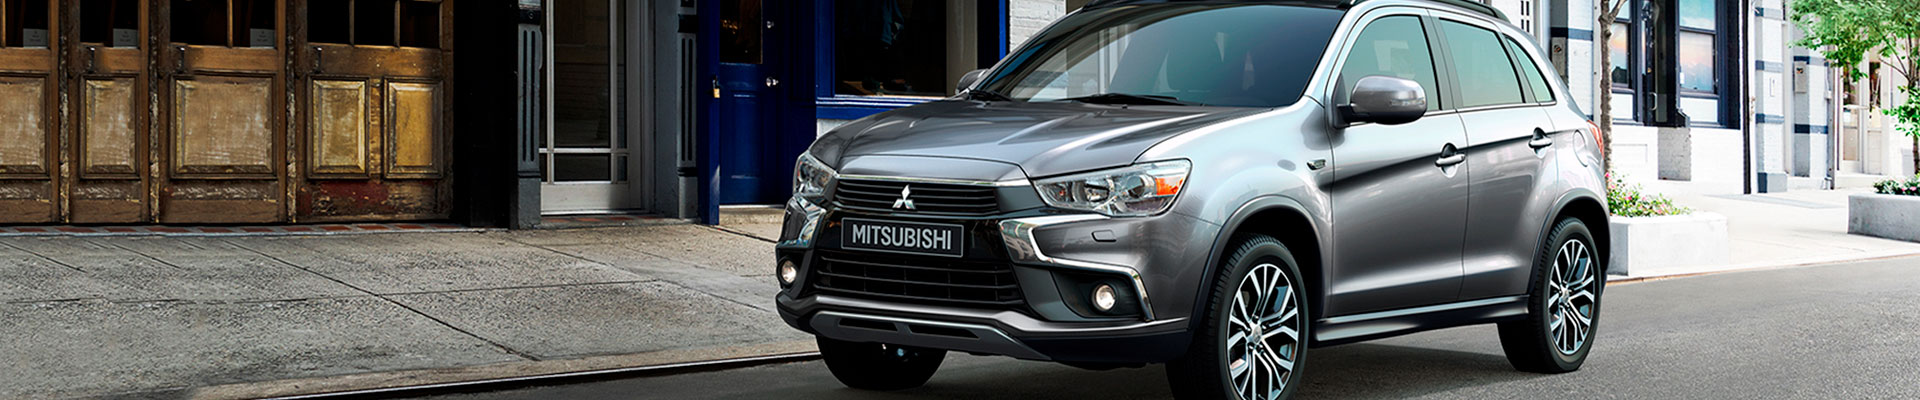 Cisacar, Concesionario Oficial Mitsubishi Motors en Asturias